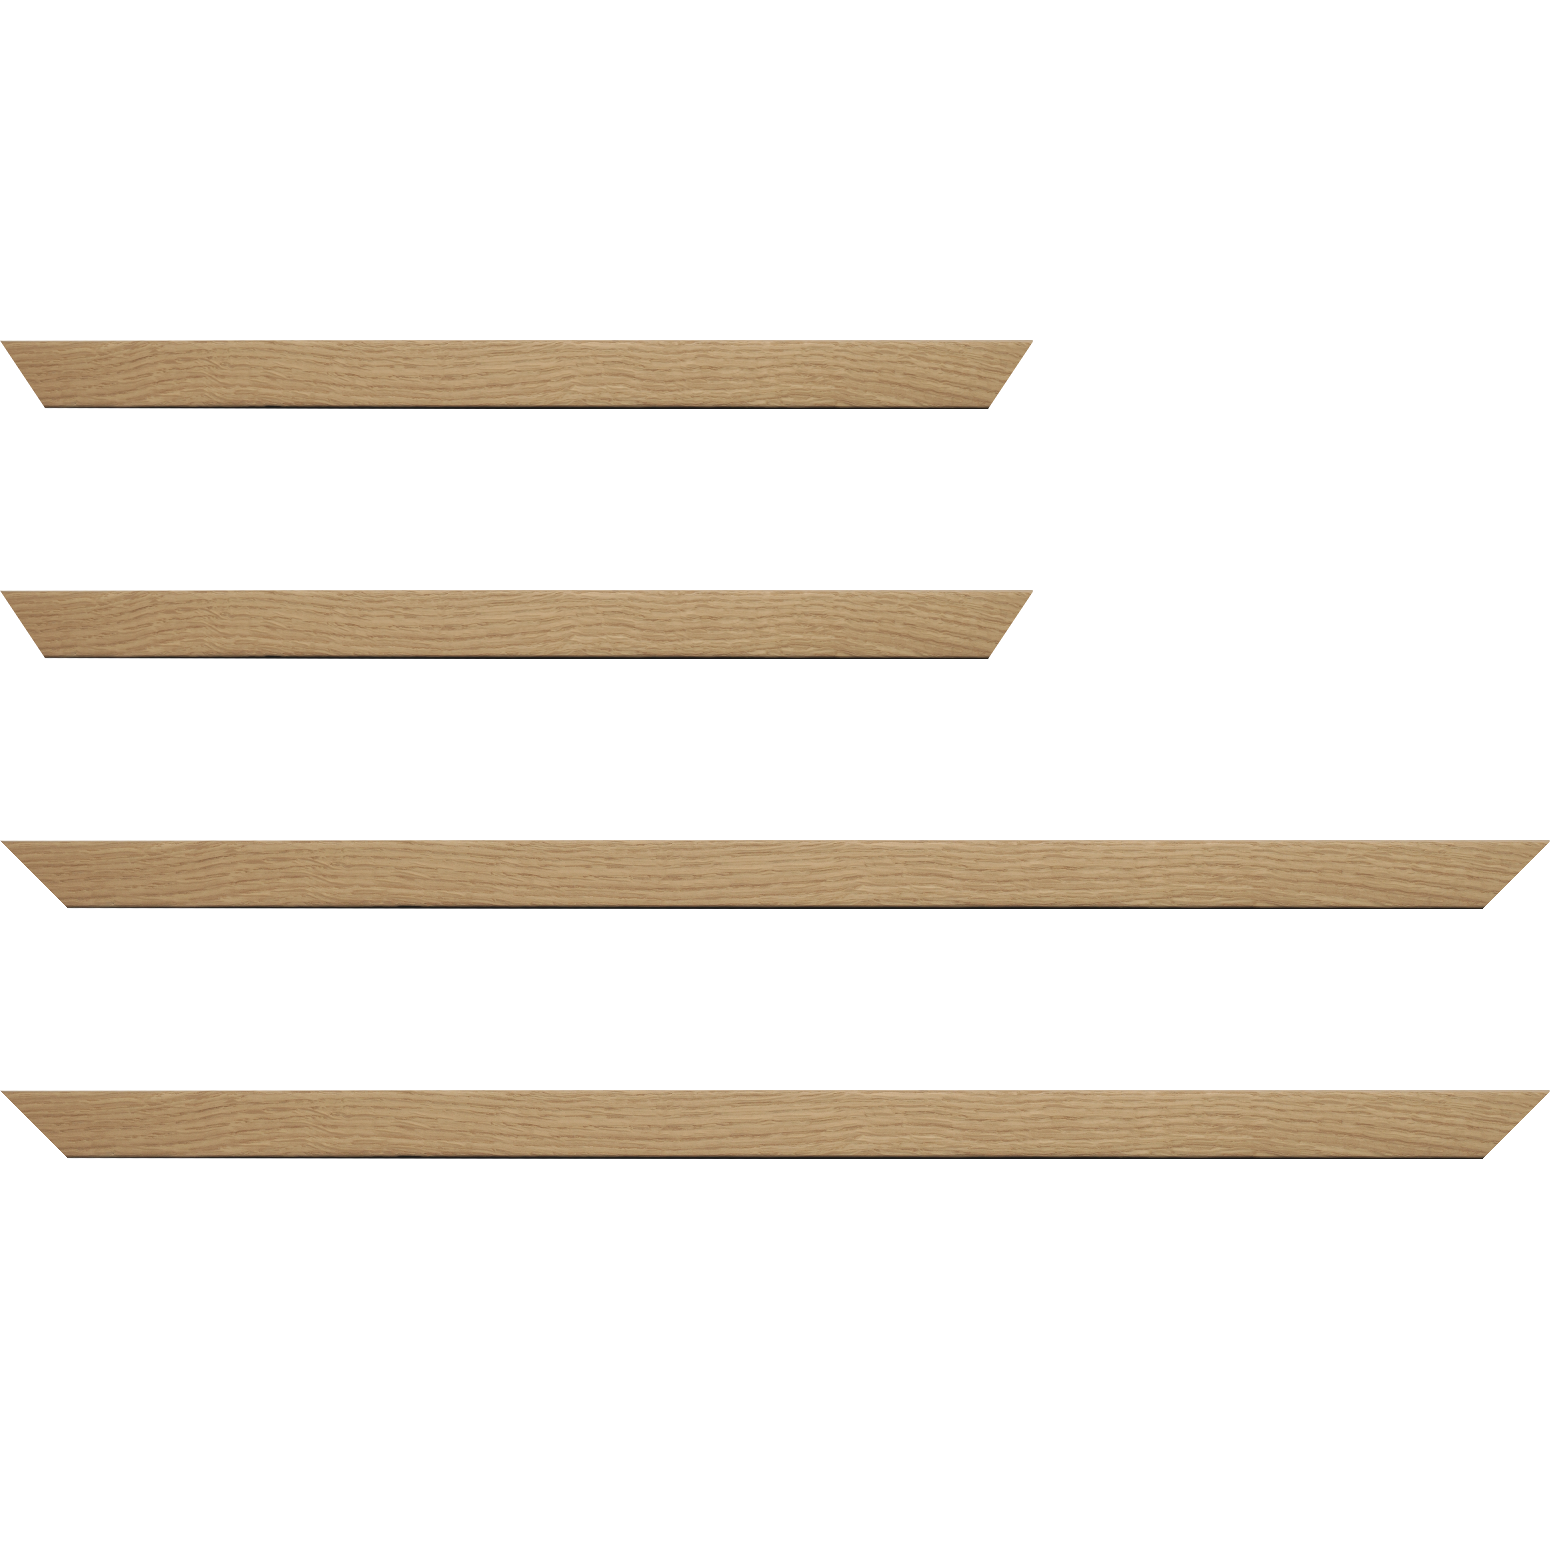 Baguette service précoupé Bois profil plat largeur 2.1cm hauteur 3.1cm plaquage haut de gamme chêne naturel